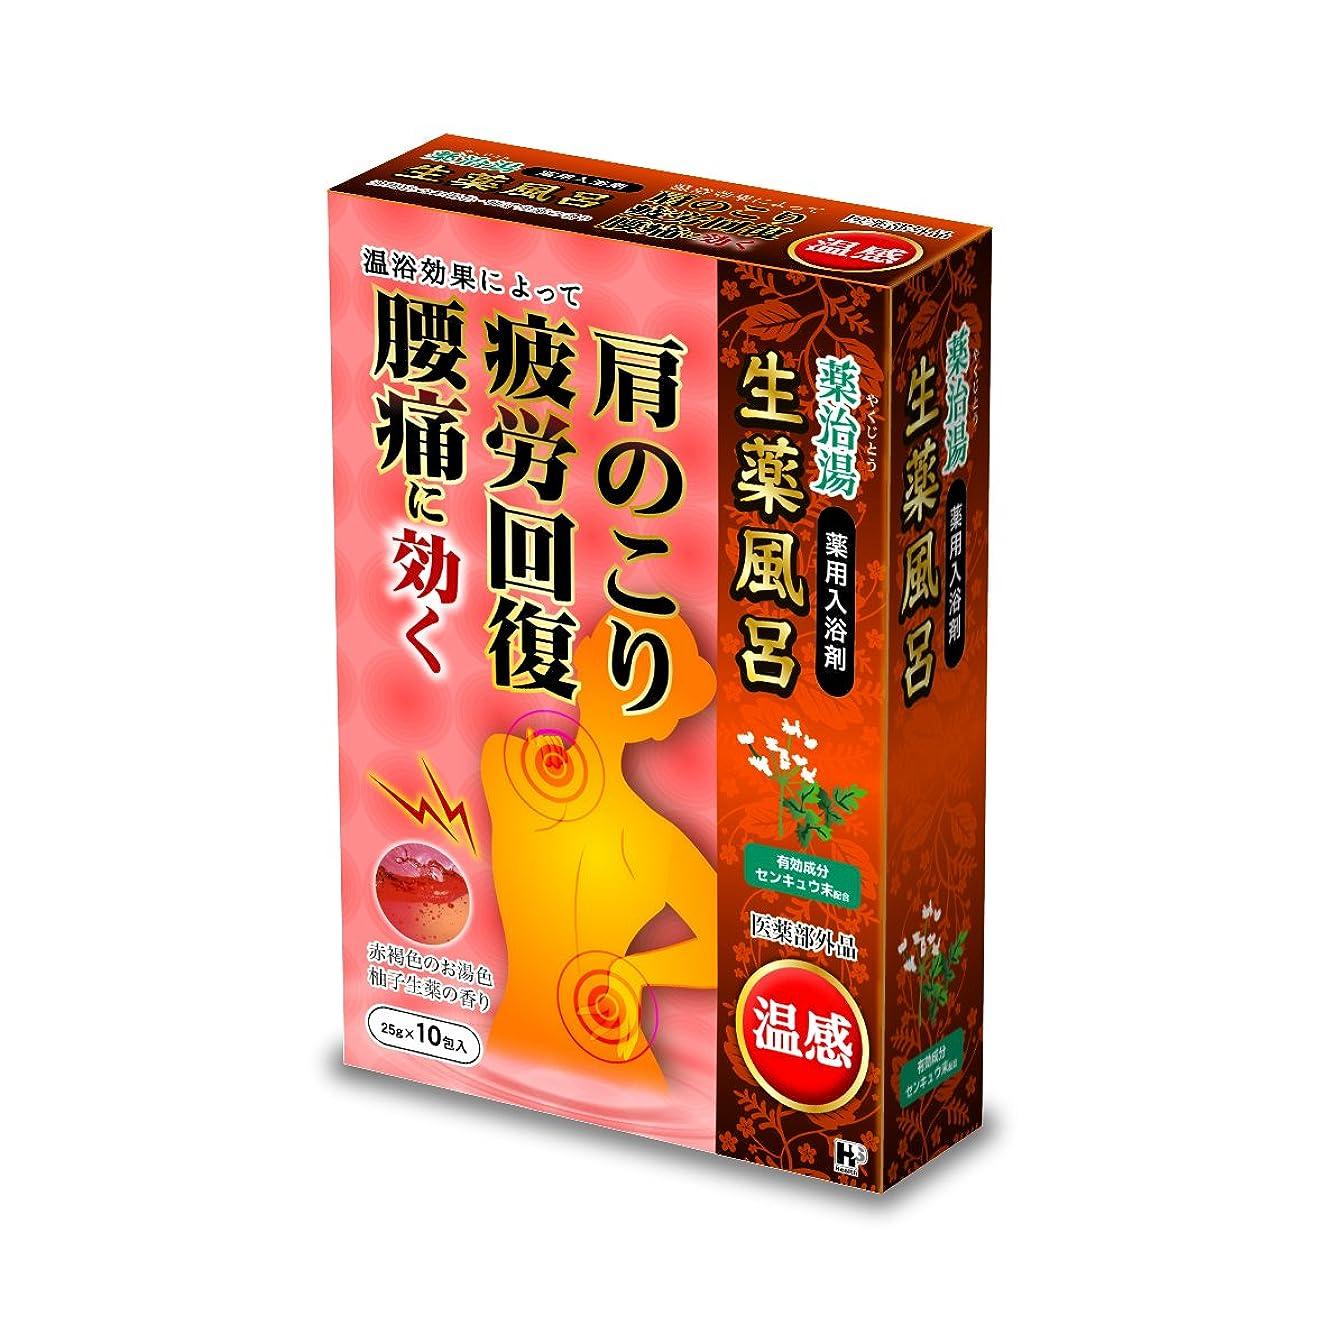 氷統治可能バクテリア薬治湯温感 柚子生薬の香り